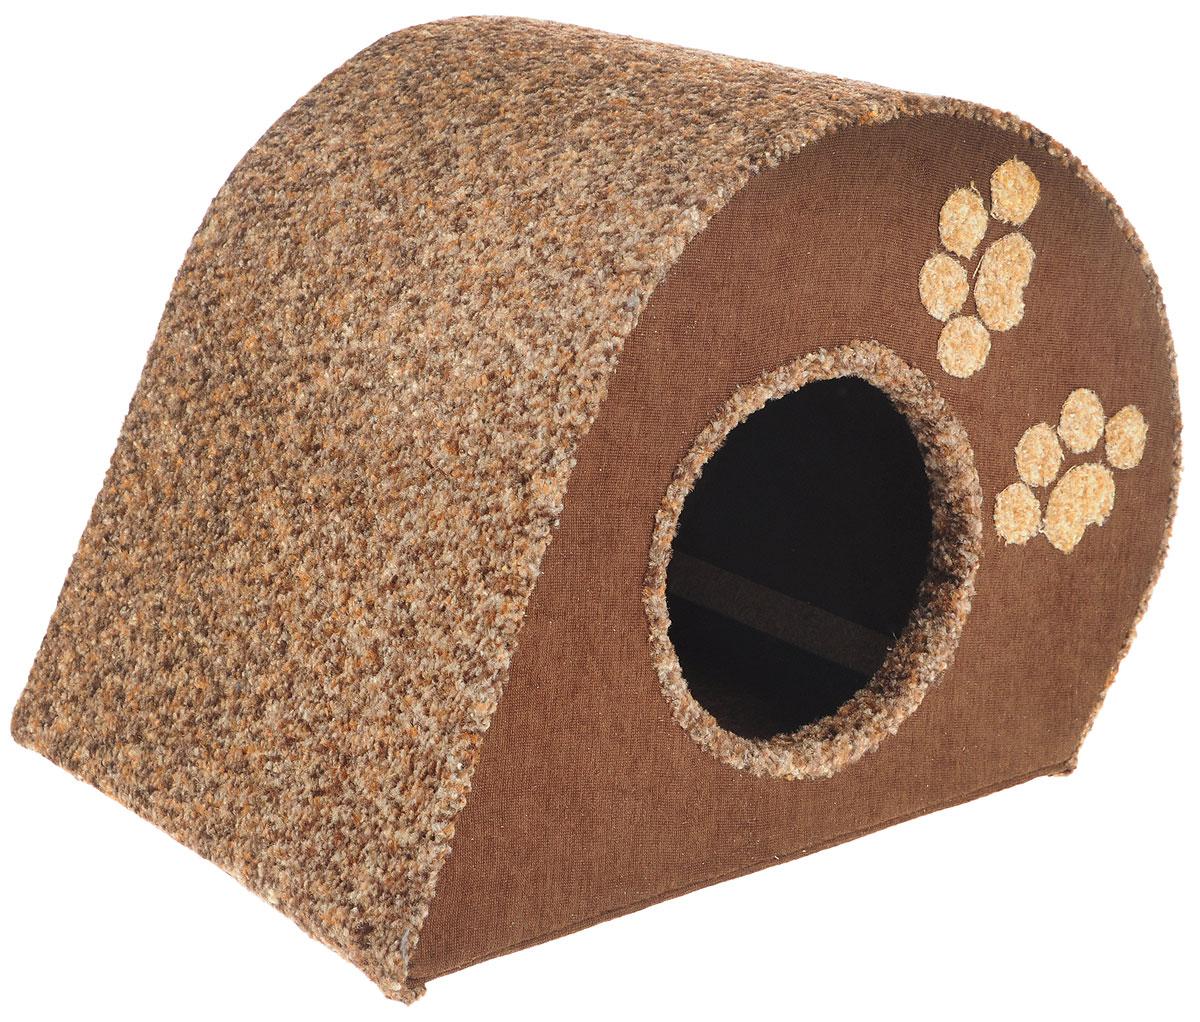 Домик для животных Неженка Капля, цвет: коричневый, серый, 50 х 33 х 34 см0120710Большой, уютный домик Капля, выполненный из ДСП, обитый тканью, отлично подойдет для вашего любимца. Такой домик станет не только идеальным местом для сна вашего питомца, но и местом для отдыха. Для максимального комфорта наружные части обтянуты мягкой тканью. Изделие имеет большой вход.Удобный и мягкий, он станет не только отличным домиком для вашего любимца, но еще и оригинальным украшением интерьера.Диаметр входа 17 см.